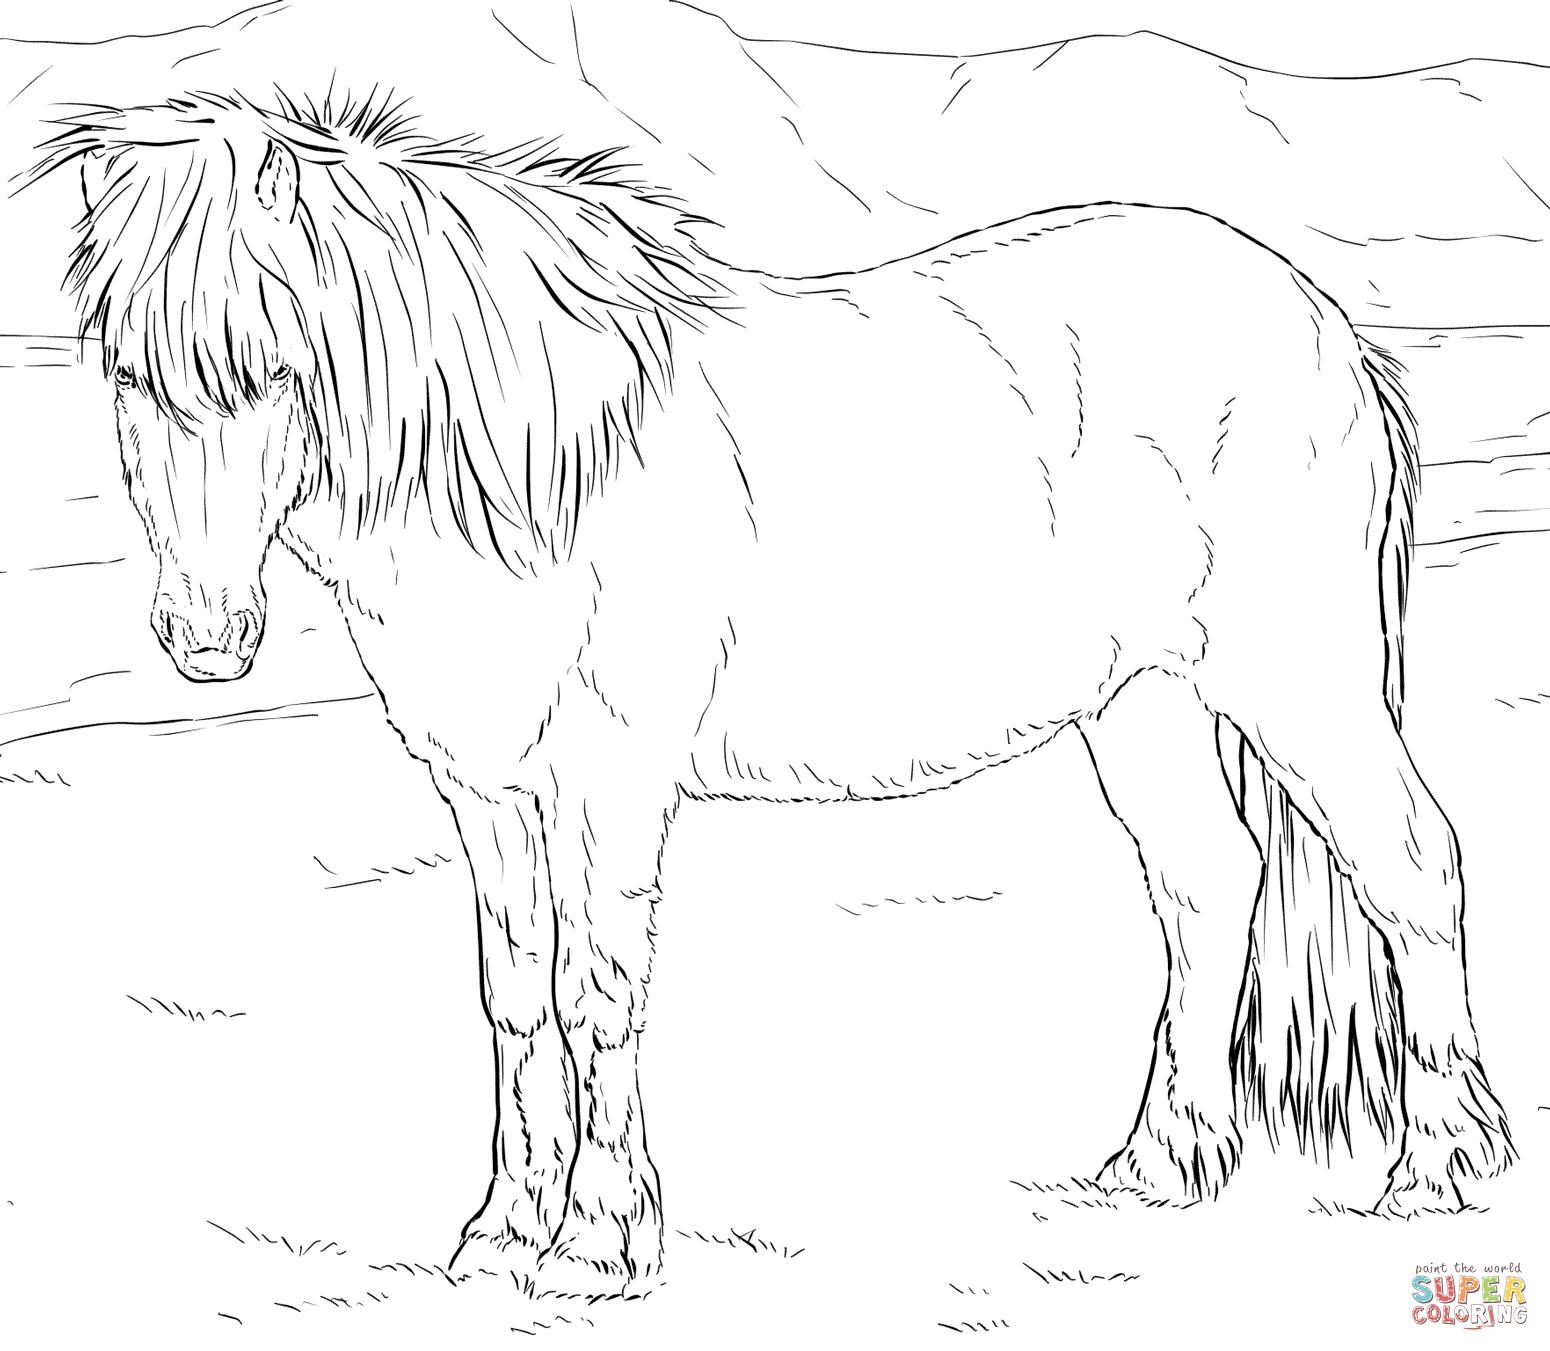 Ausmalbilder Pferde - Malvorlagen Kostenlos Zum Ausdrucken bei Pferdebilder Zum Ausmalen Und Ausdrucken